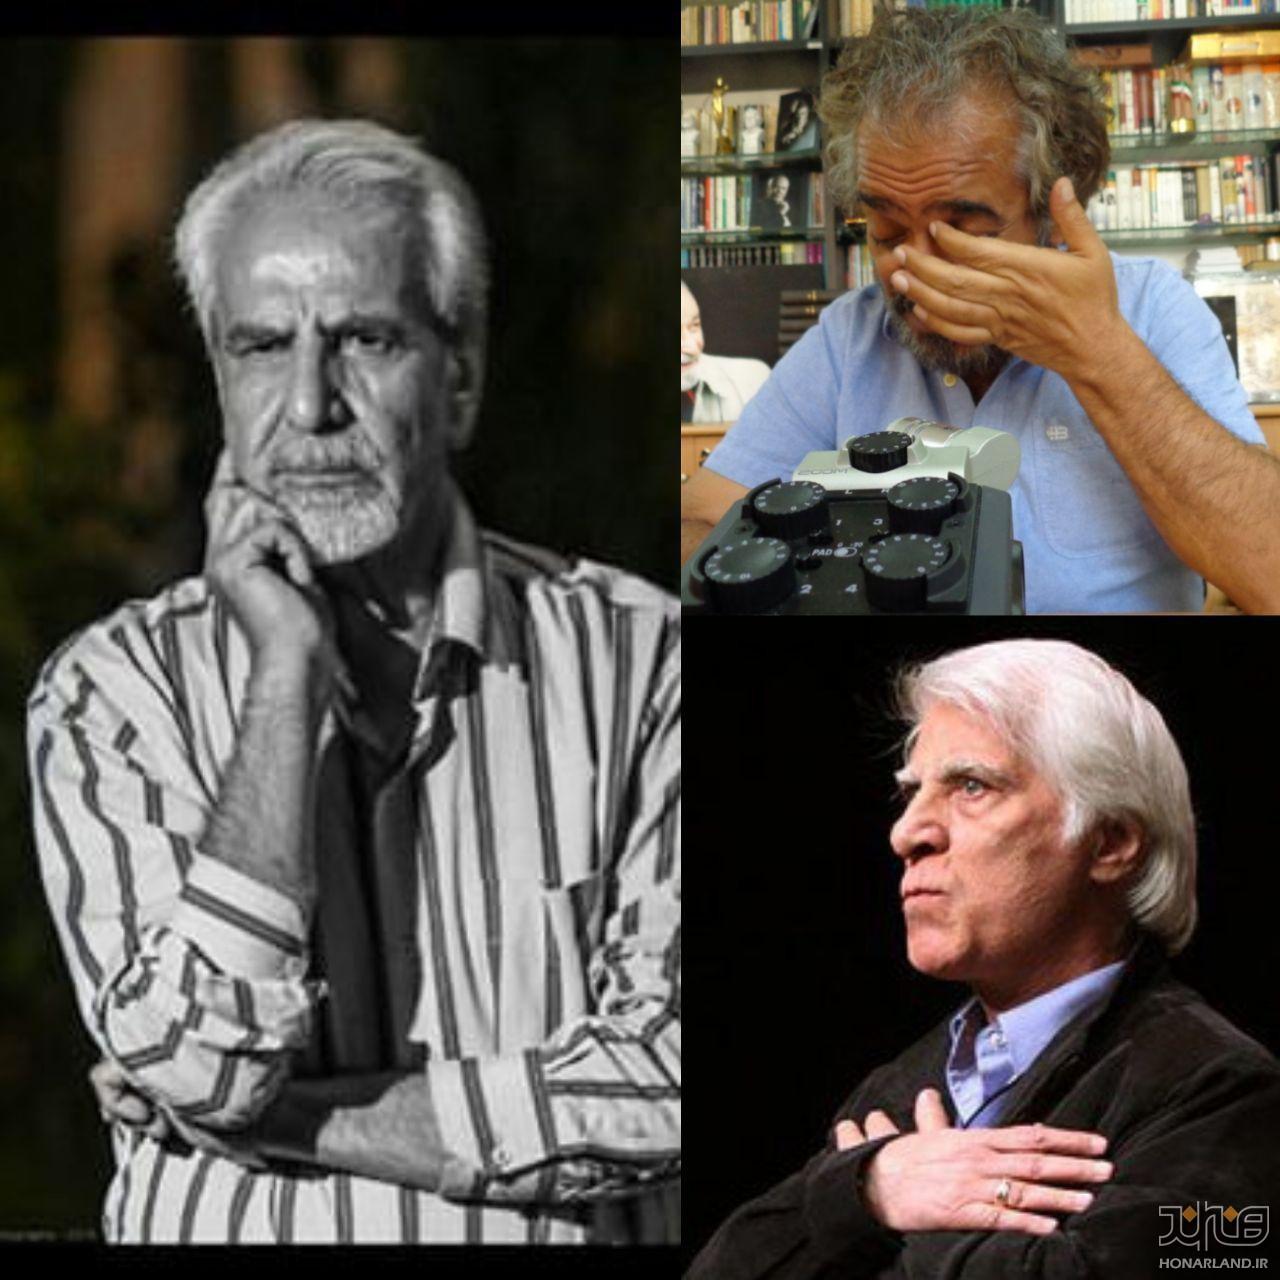 پیامهای تسلیت بزرگان تئاتر برای استاد محمد کوثری: بهرام بیضایی،احمد سپاسدار،اصغر همت